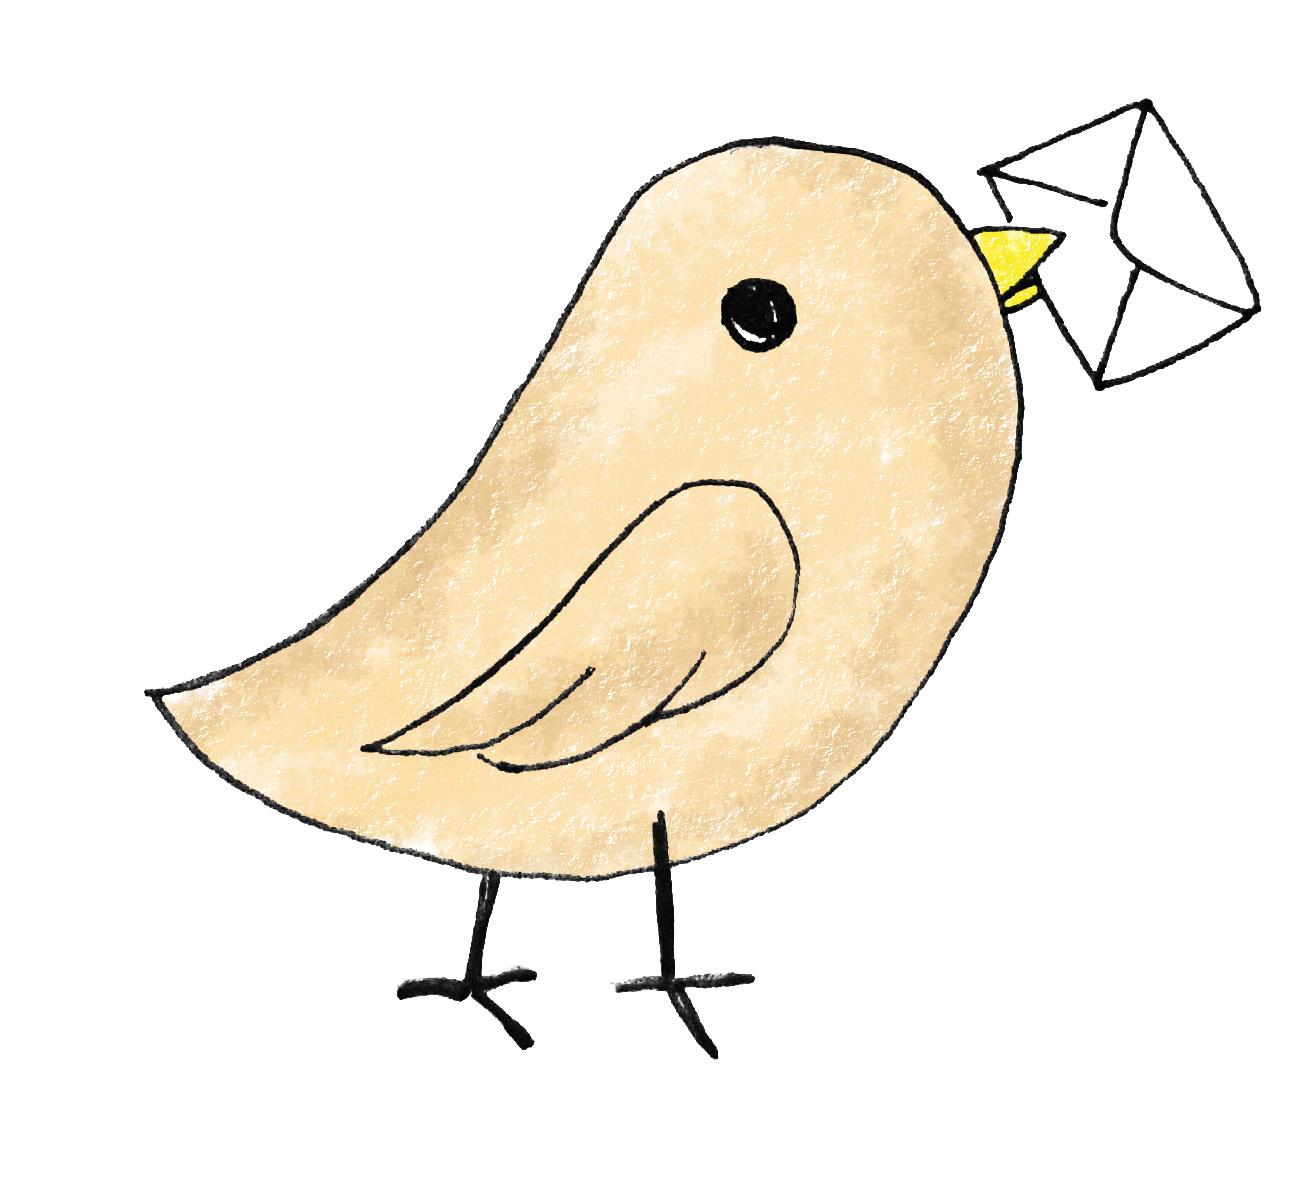 1312x1188 Letter A Letter Images Clip Art Clipartfox 2